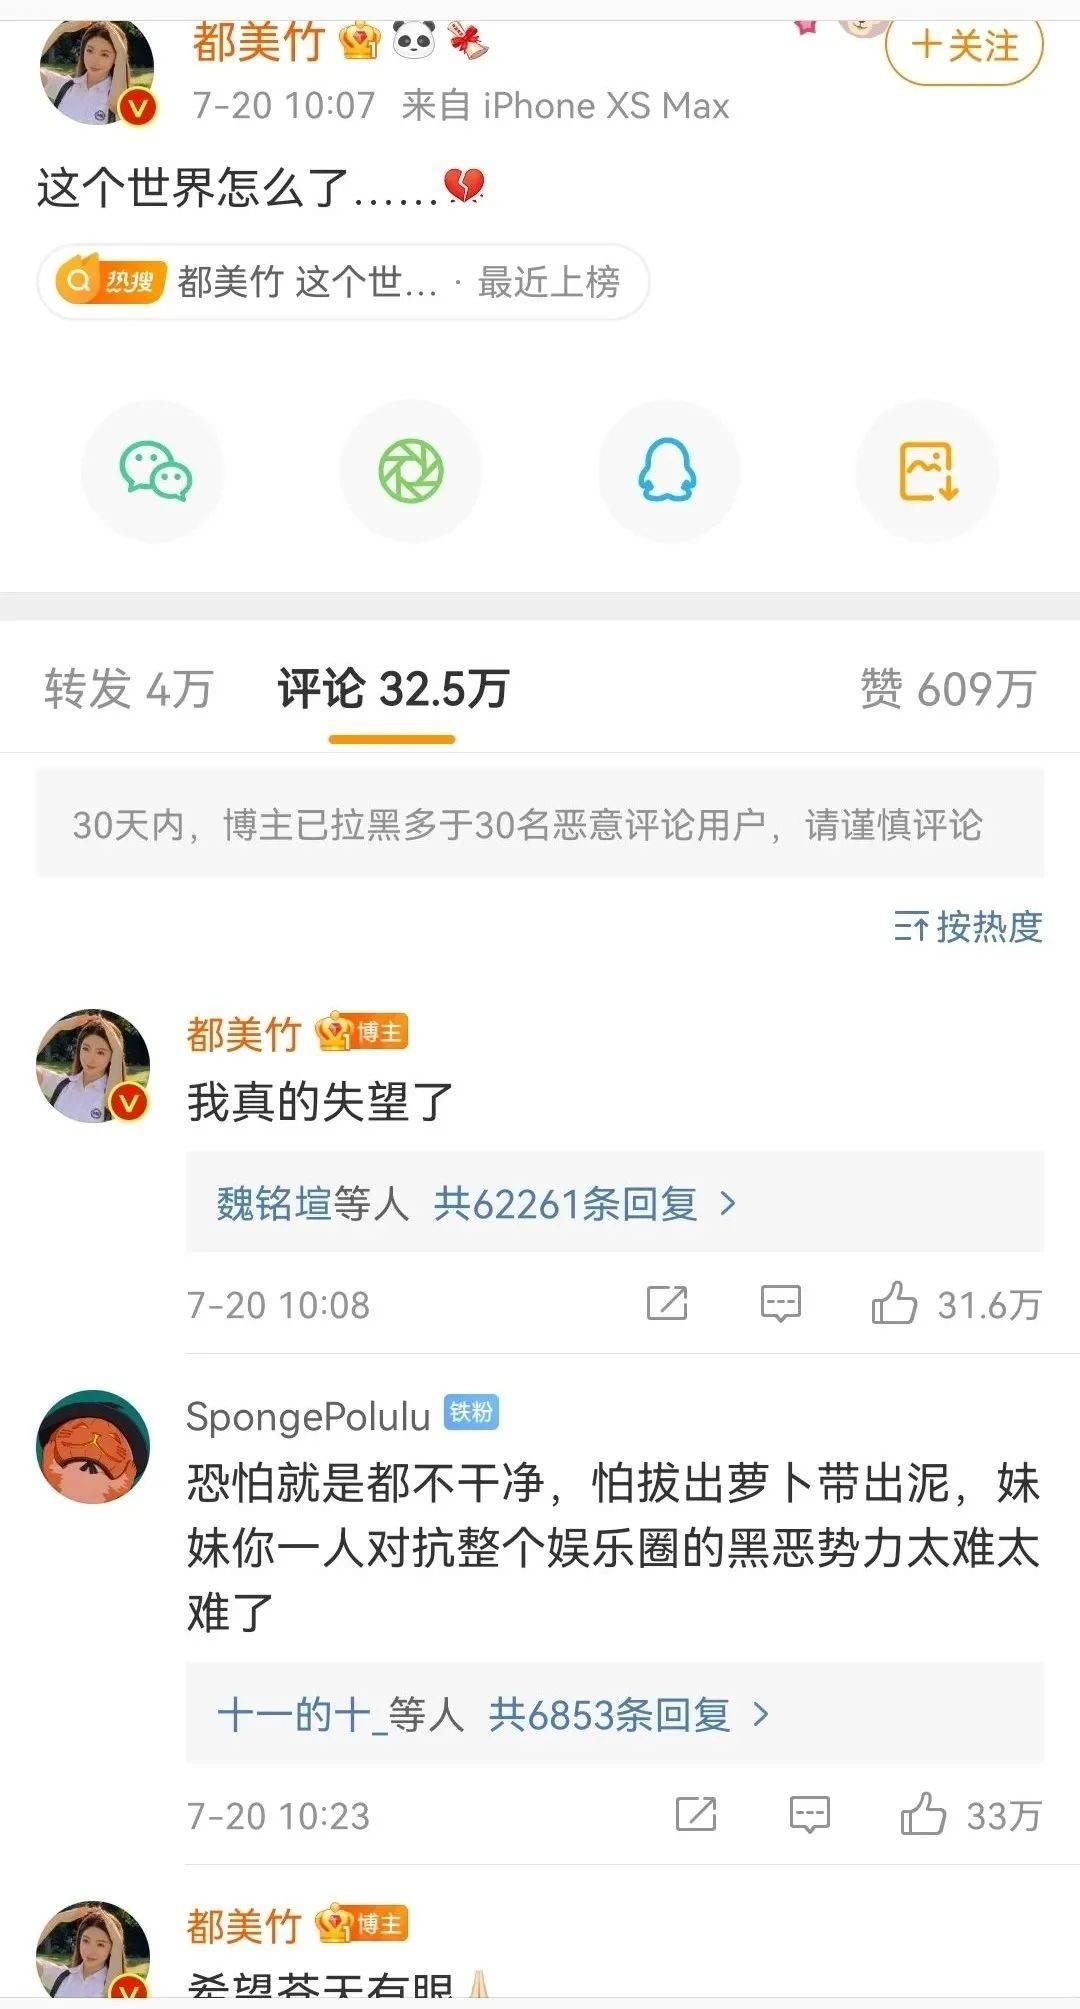 吴亦凡事件韩束是最大赢家?未必,坟头蹦迪赢了流量输了品牌!